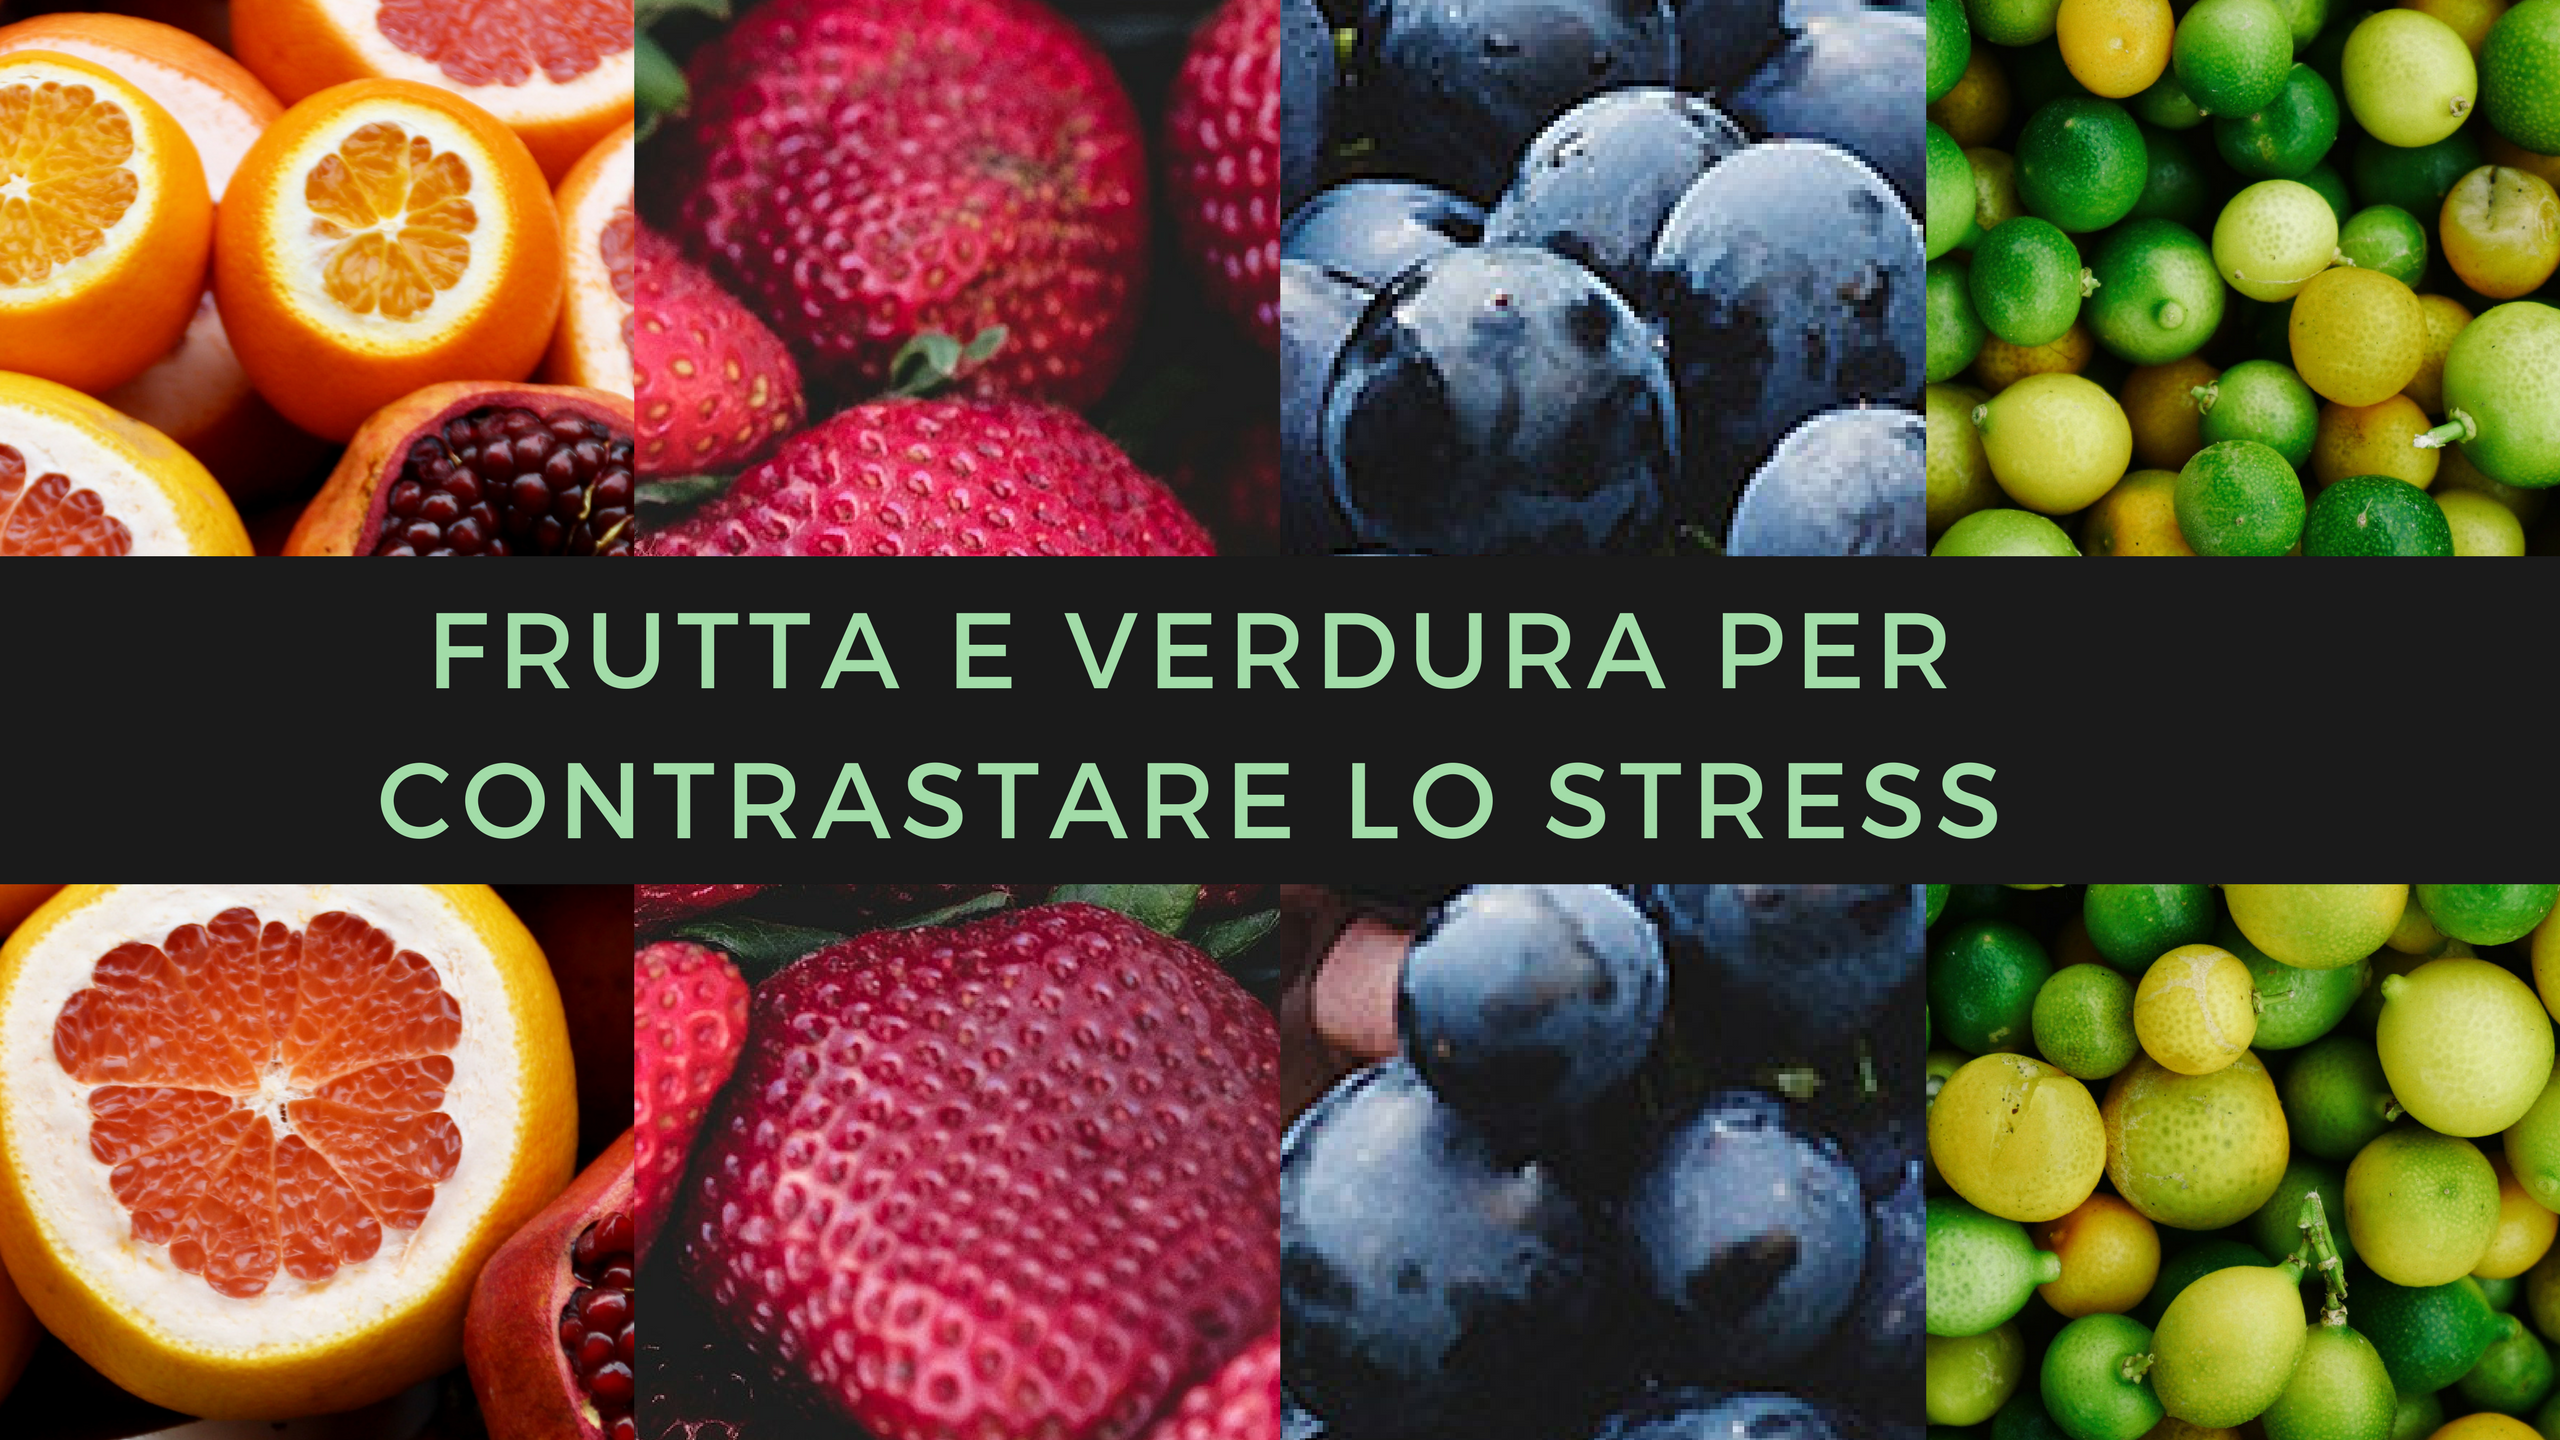 Frutta e verdura per contrastare lo stress